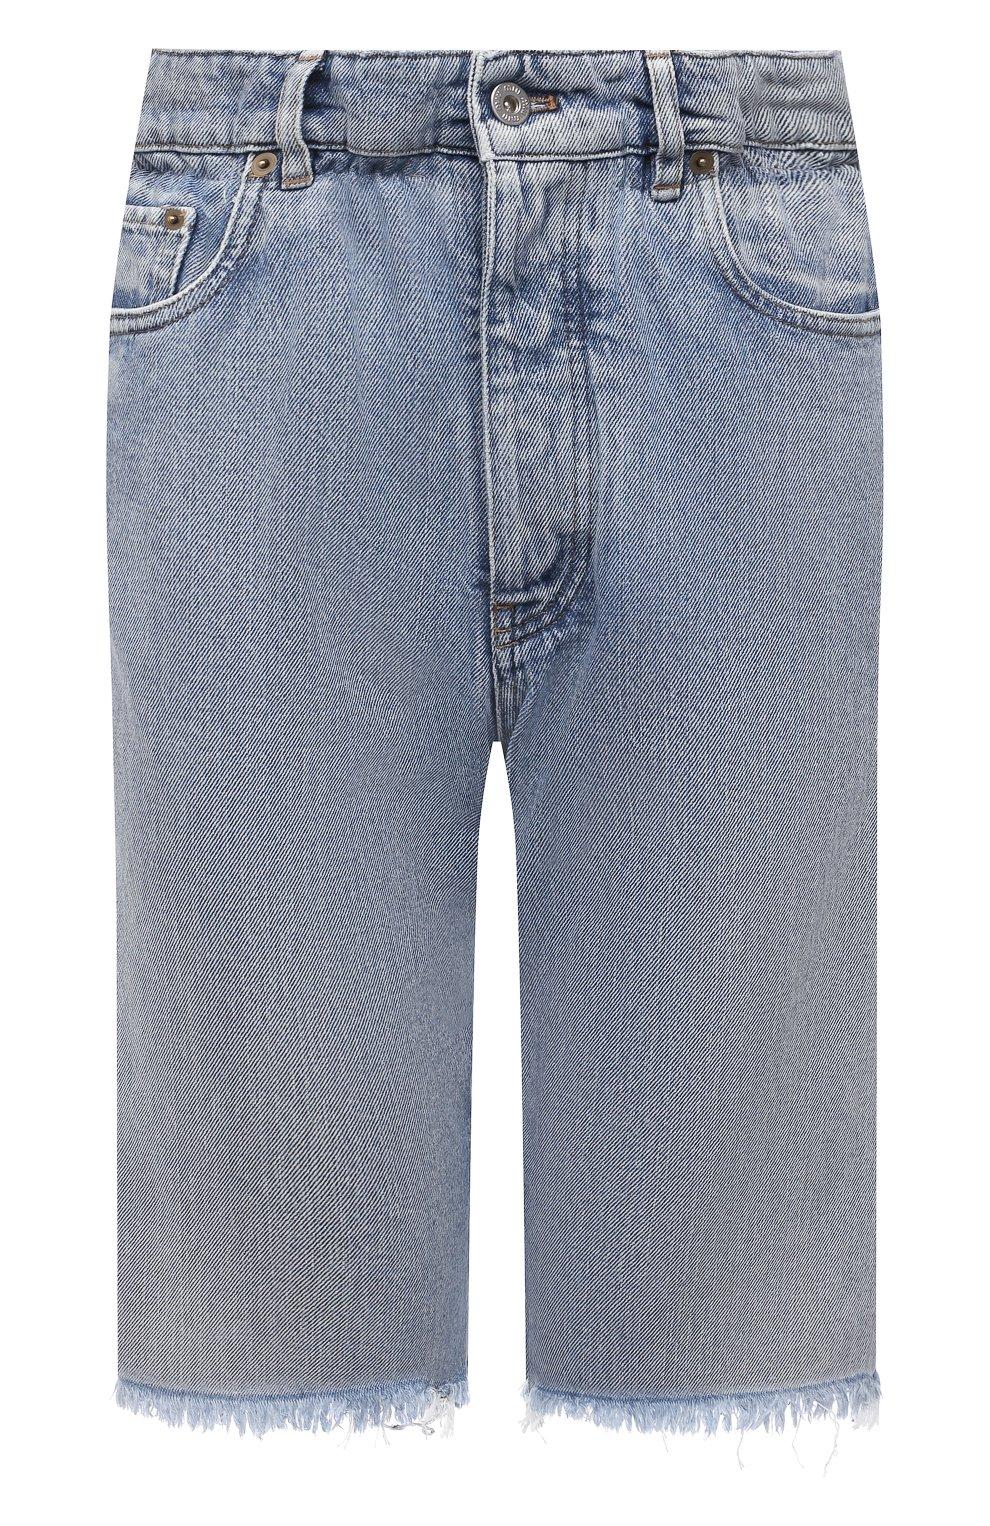 Женские джинсовые шорты MIU MIU голубого цвета, арт. GWP343-1SXP-F0013 | Фото 1 (Женское Кросс-КТ: Шорты-одежда; Стили: Гламурный; Кросс-КТ: Деним; Длина Ж (юбки, платья, шорты): Мини; Материал внешний: Хлопок)